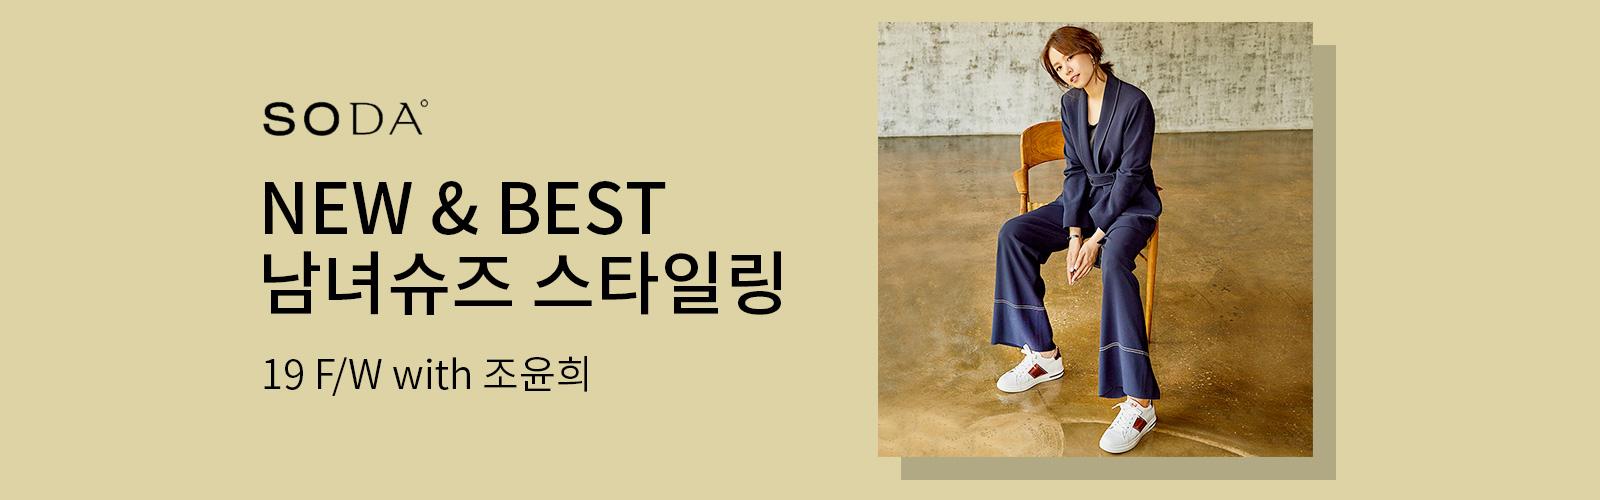 소다 NEW & BEST 남녀슈즈 스타일링 19 F/W with 조윤희